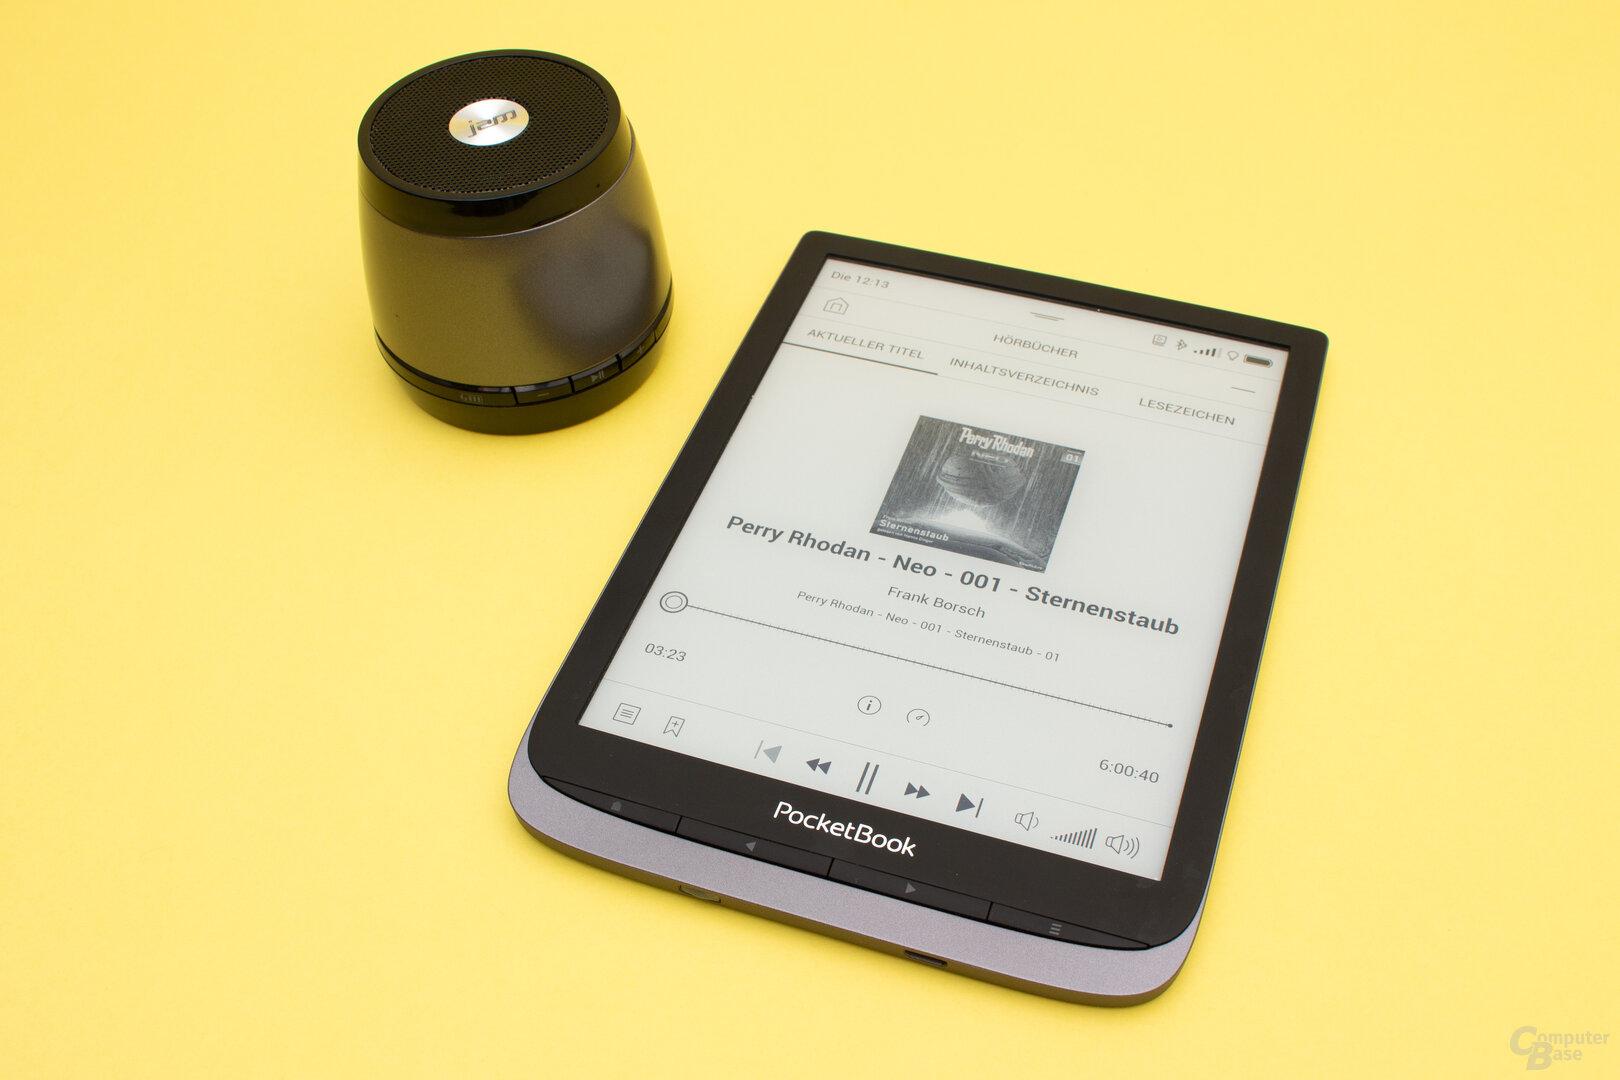 Die Hörbuch-App bringt einige sinnvolle Funktionen mit sich